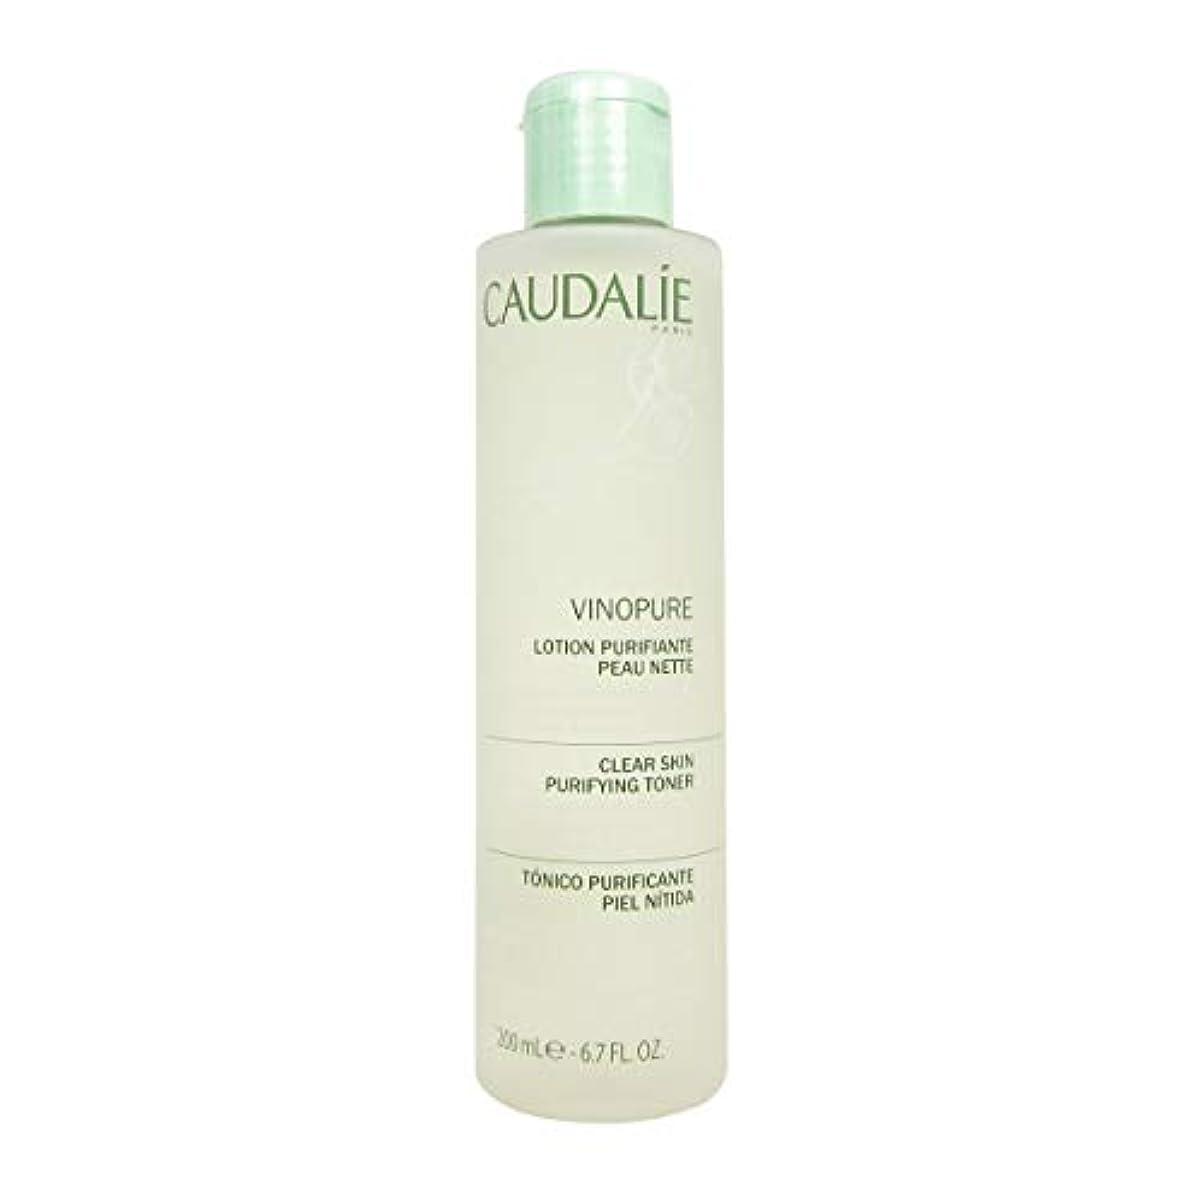 劇作家を除く主にCaudalie Vinopure Clear Skin Purifying Toner 200 Ml [並行輸入品]